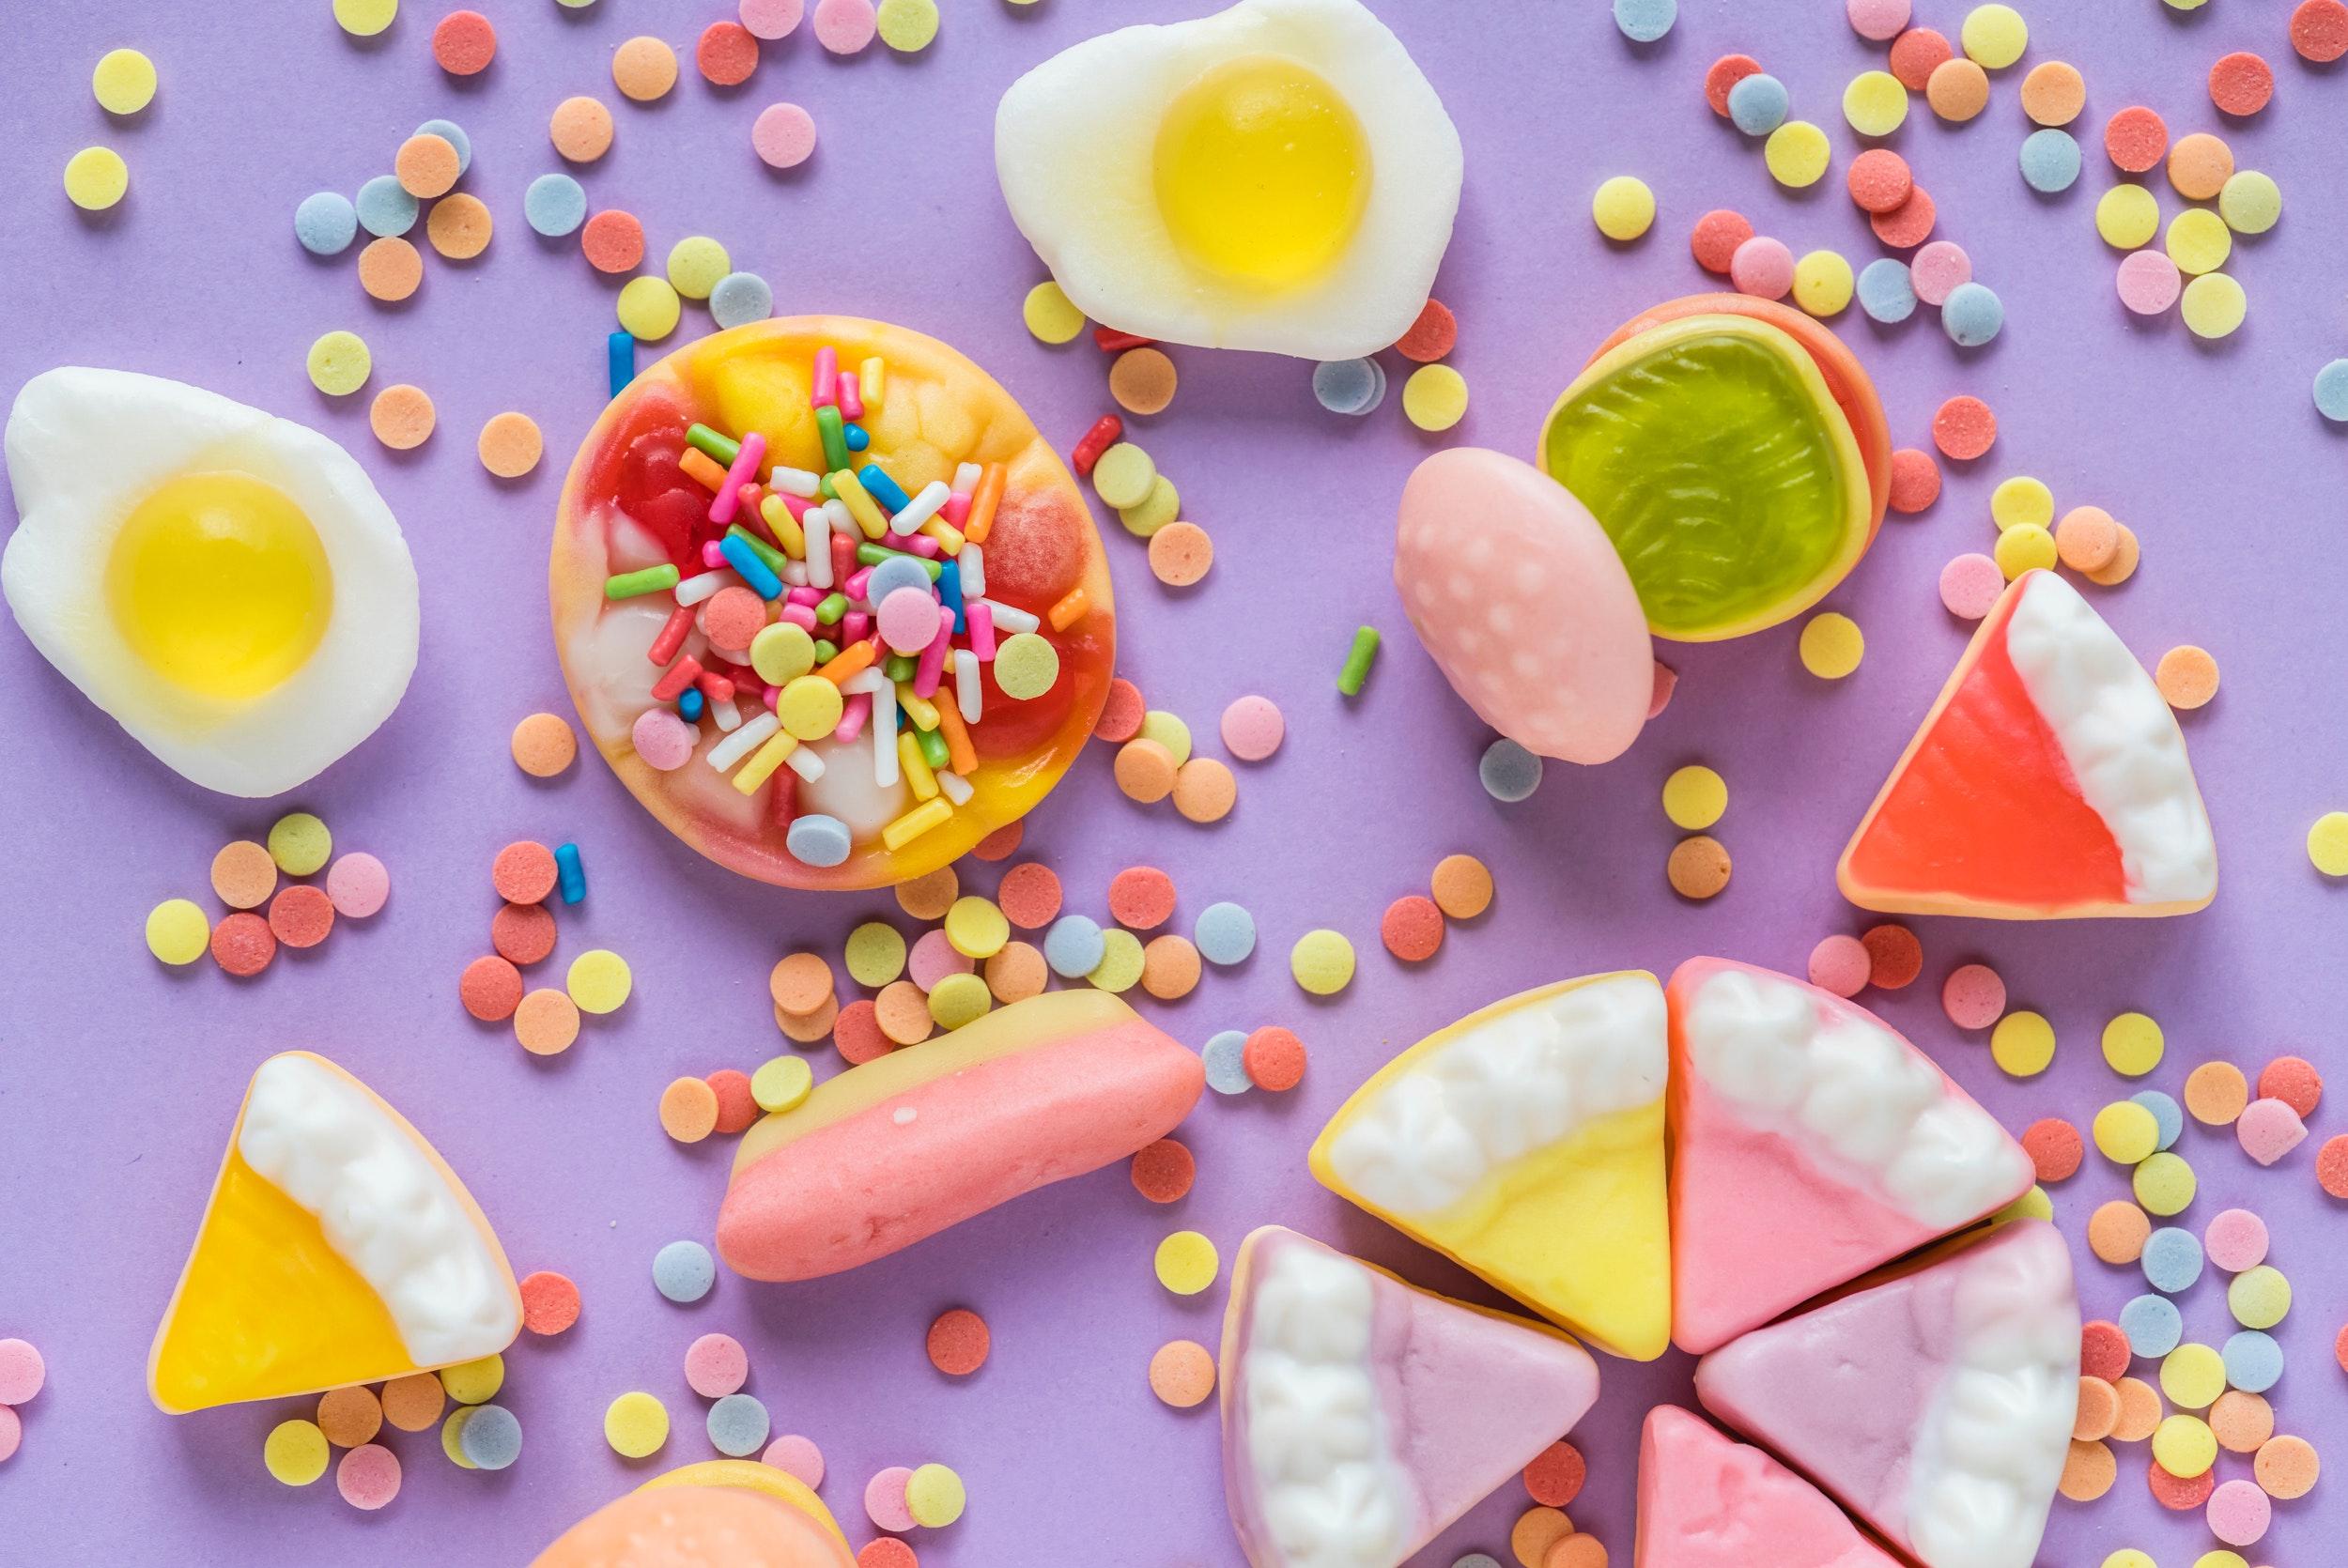 background-bright-candies-1056562